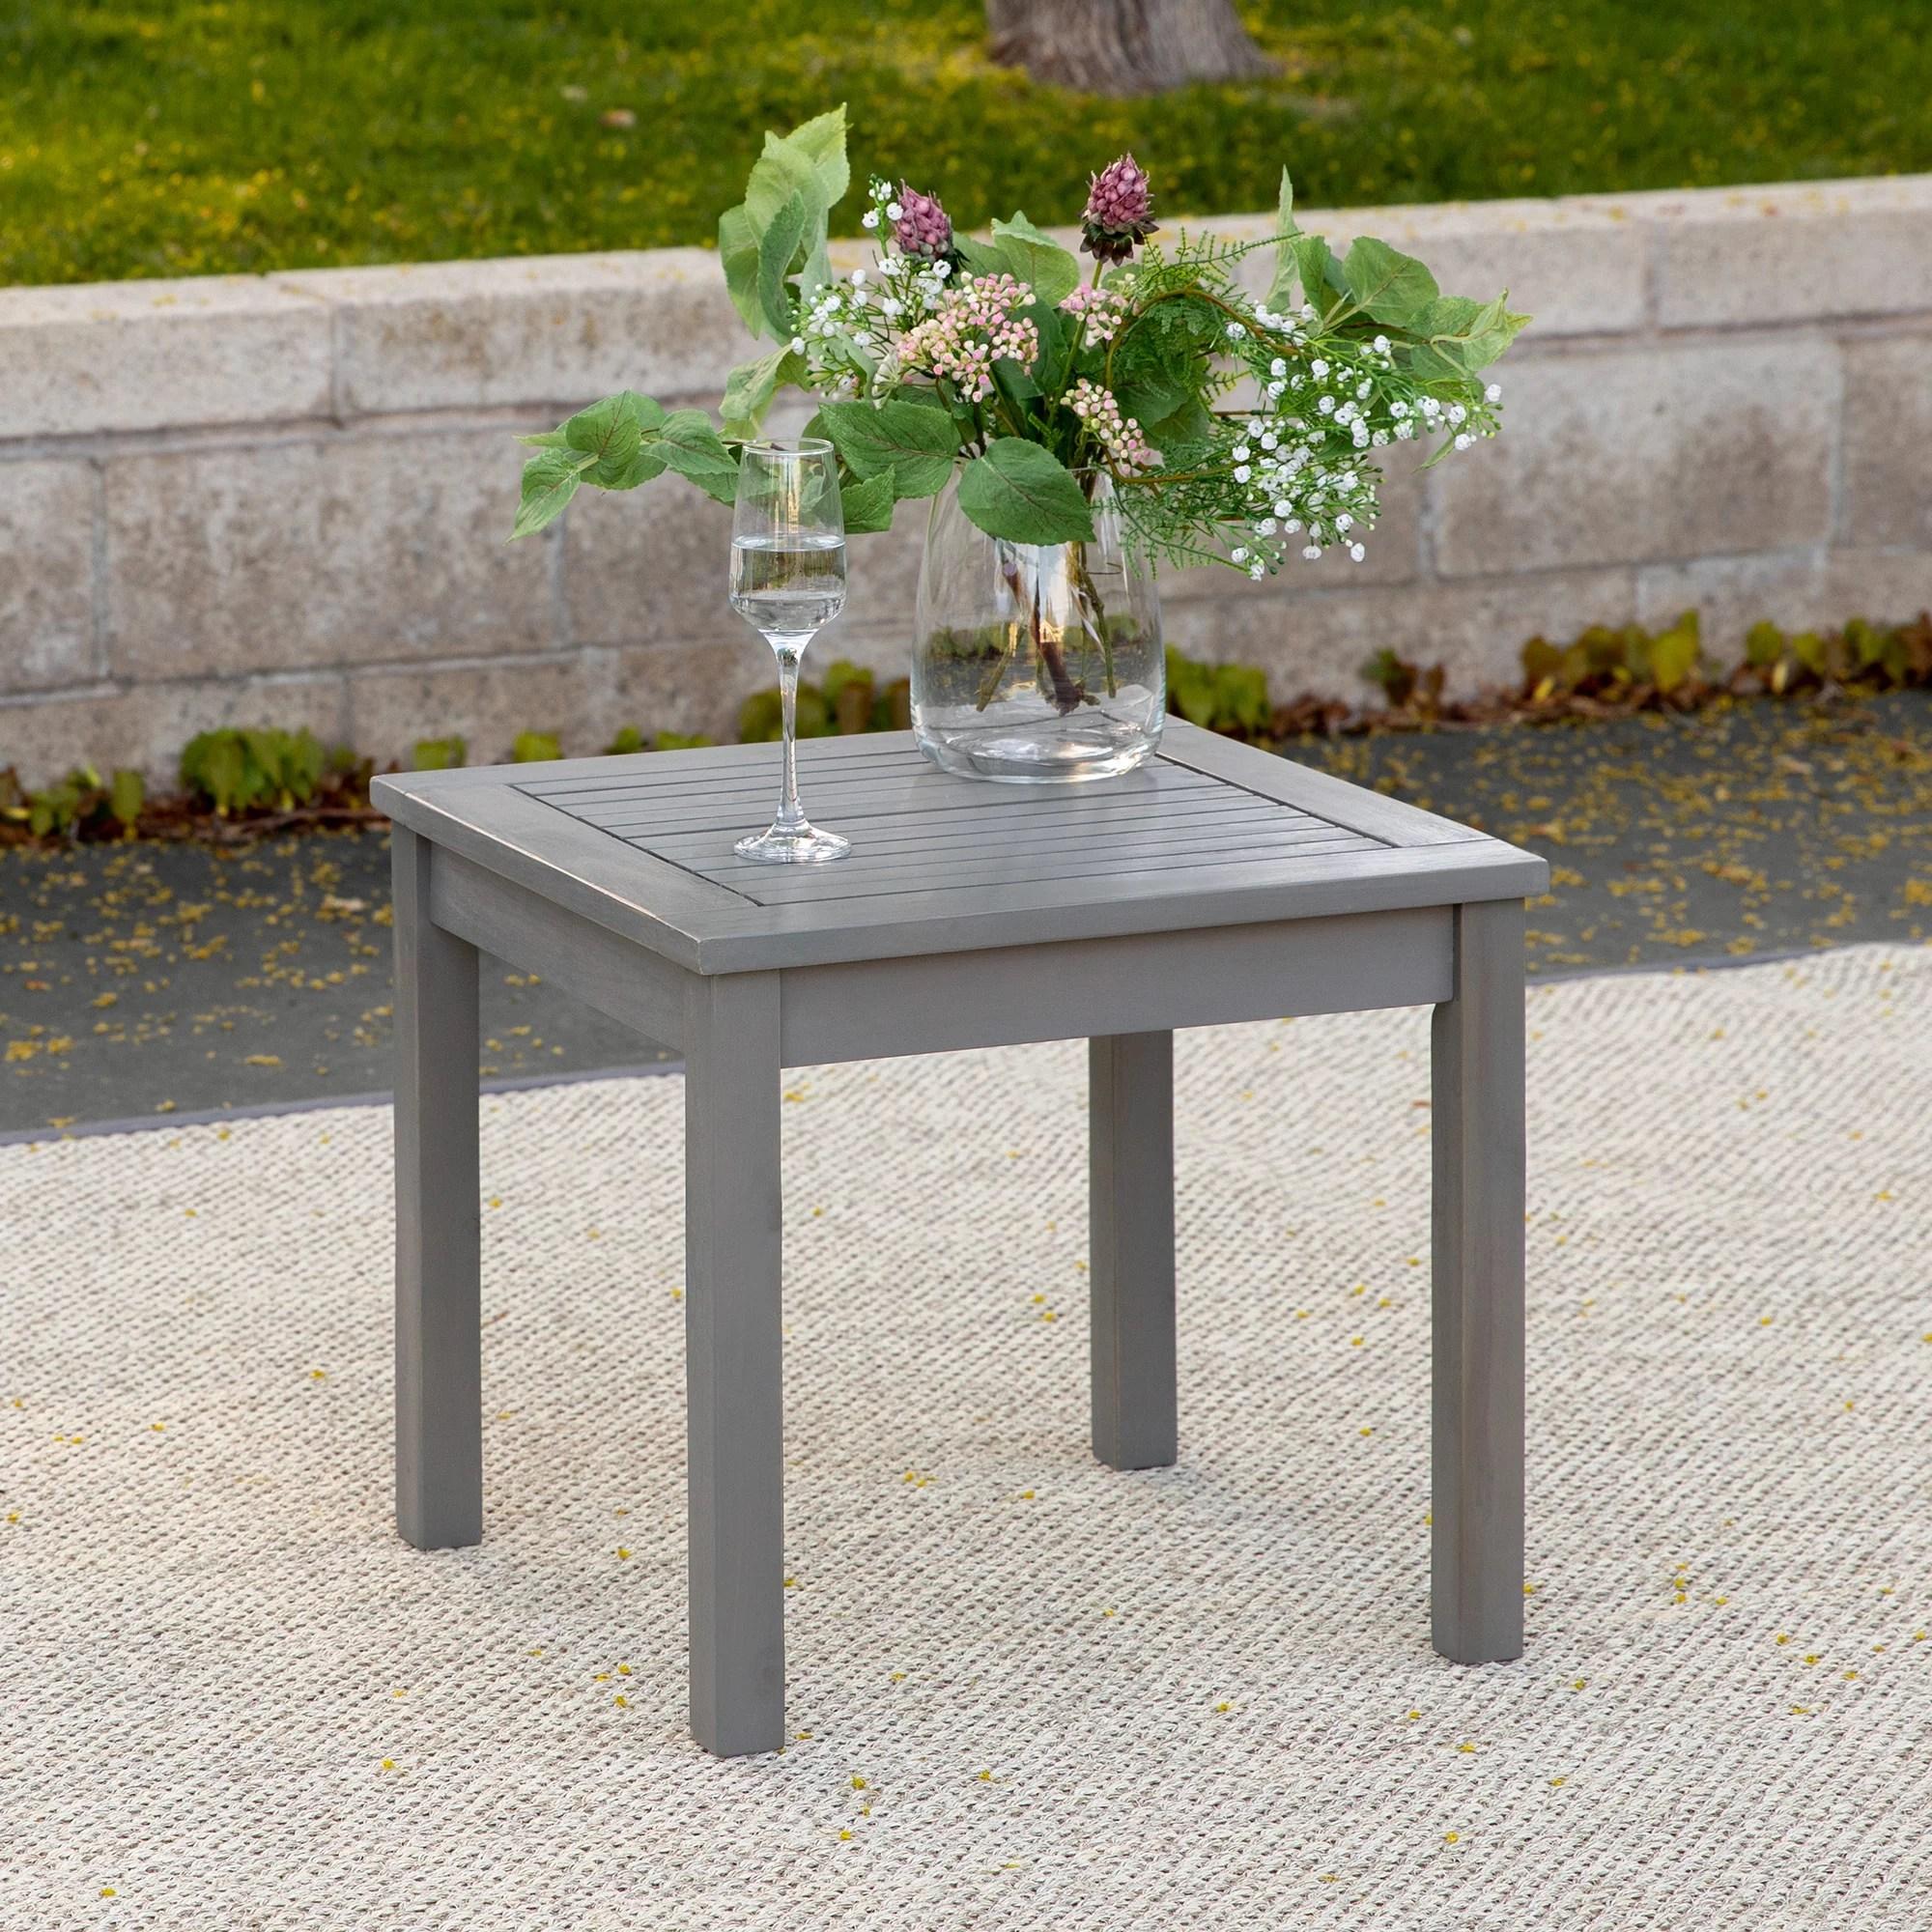 manor park acacia wood outdoor patio end table grey wash walmart com